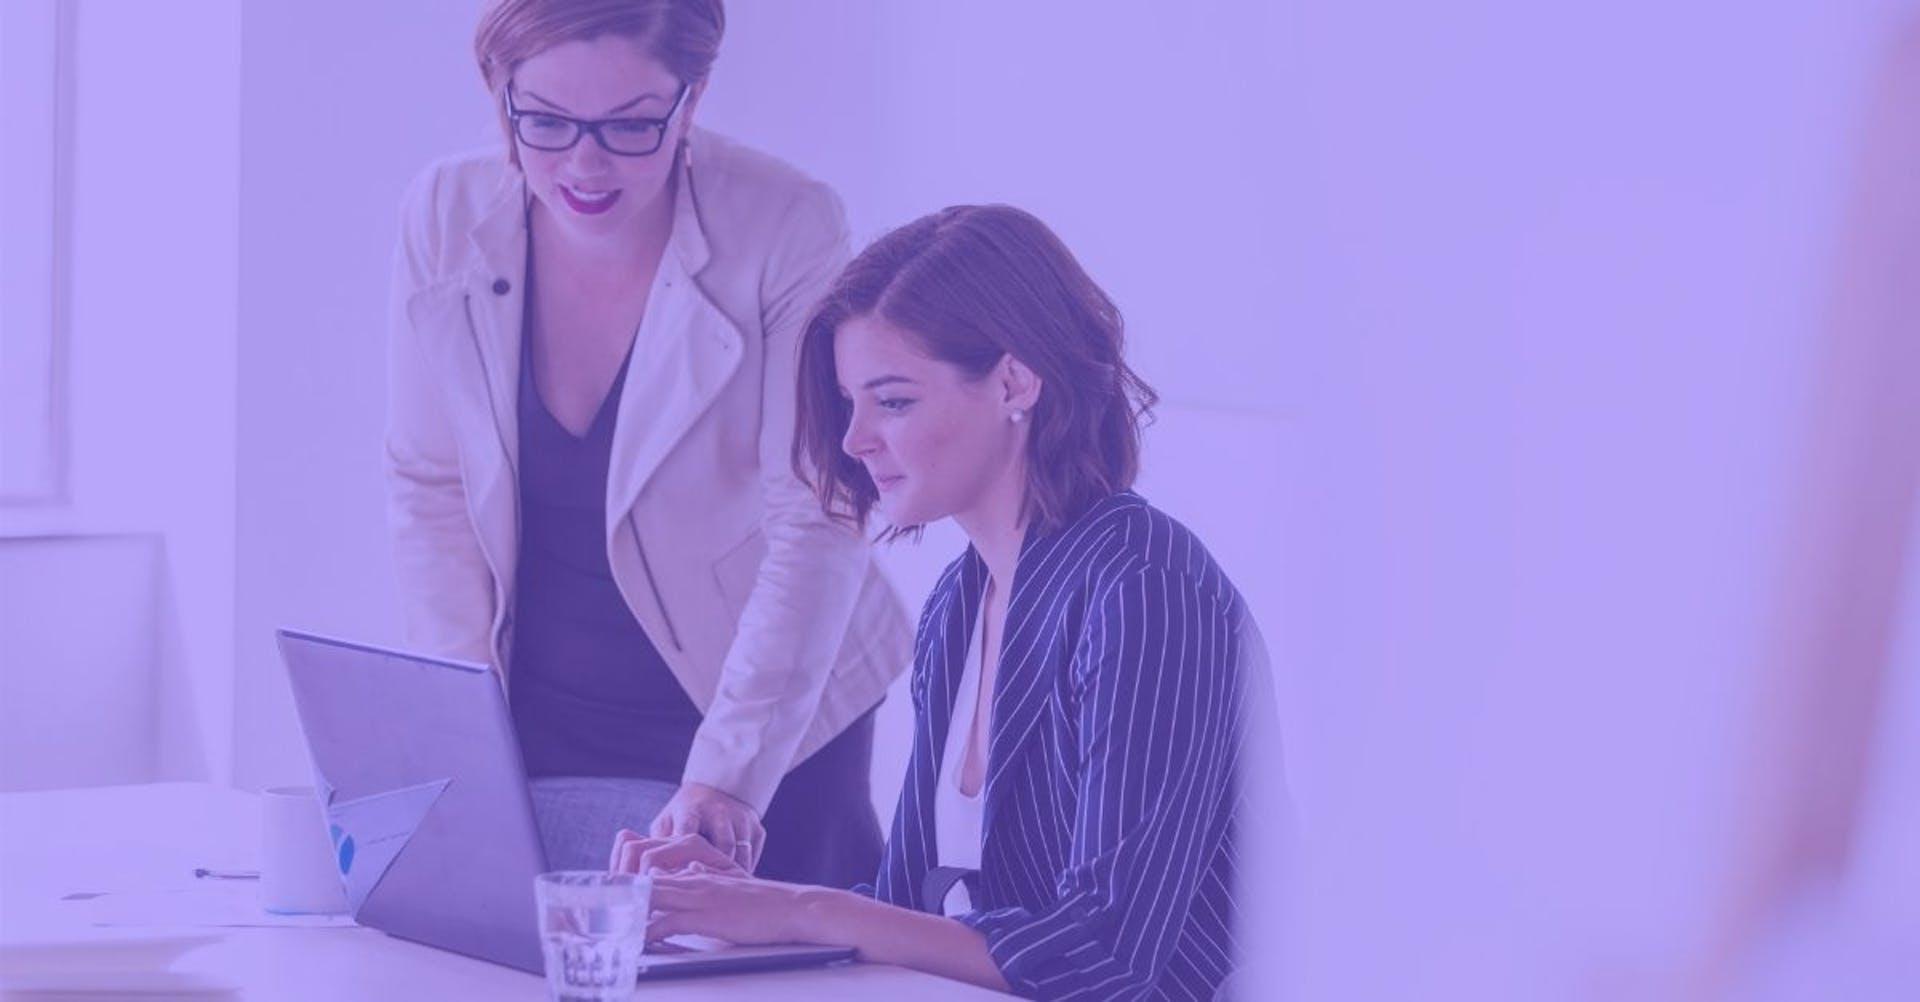 Averigua cuales son las habilidades de ventas claves para crecer en el ámbito laboral como un ejecutivo de ventas